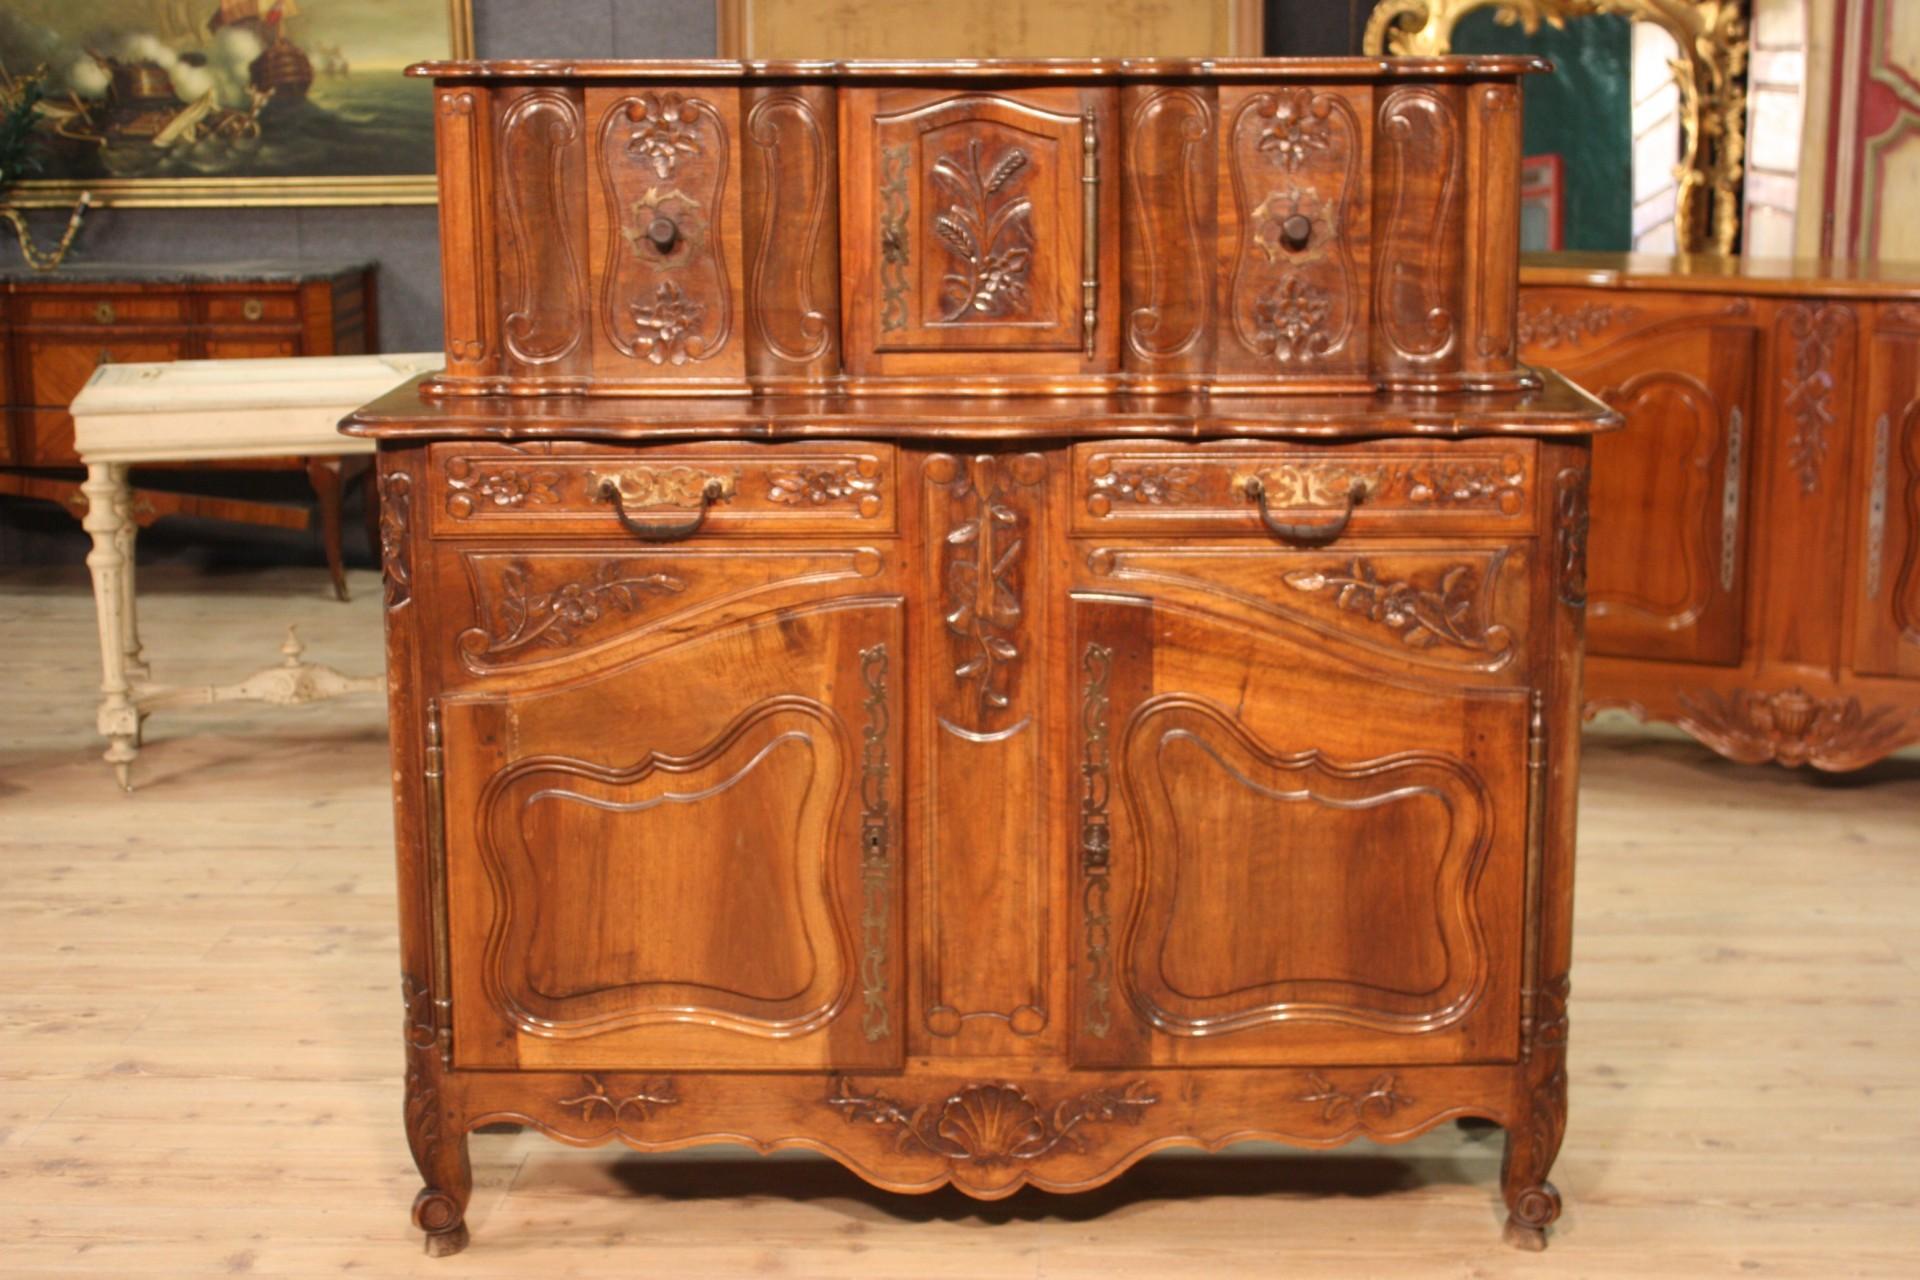 Credenza provenzale legno mobile doppio corpo 2 ante stile - Mobile credenza ...